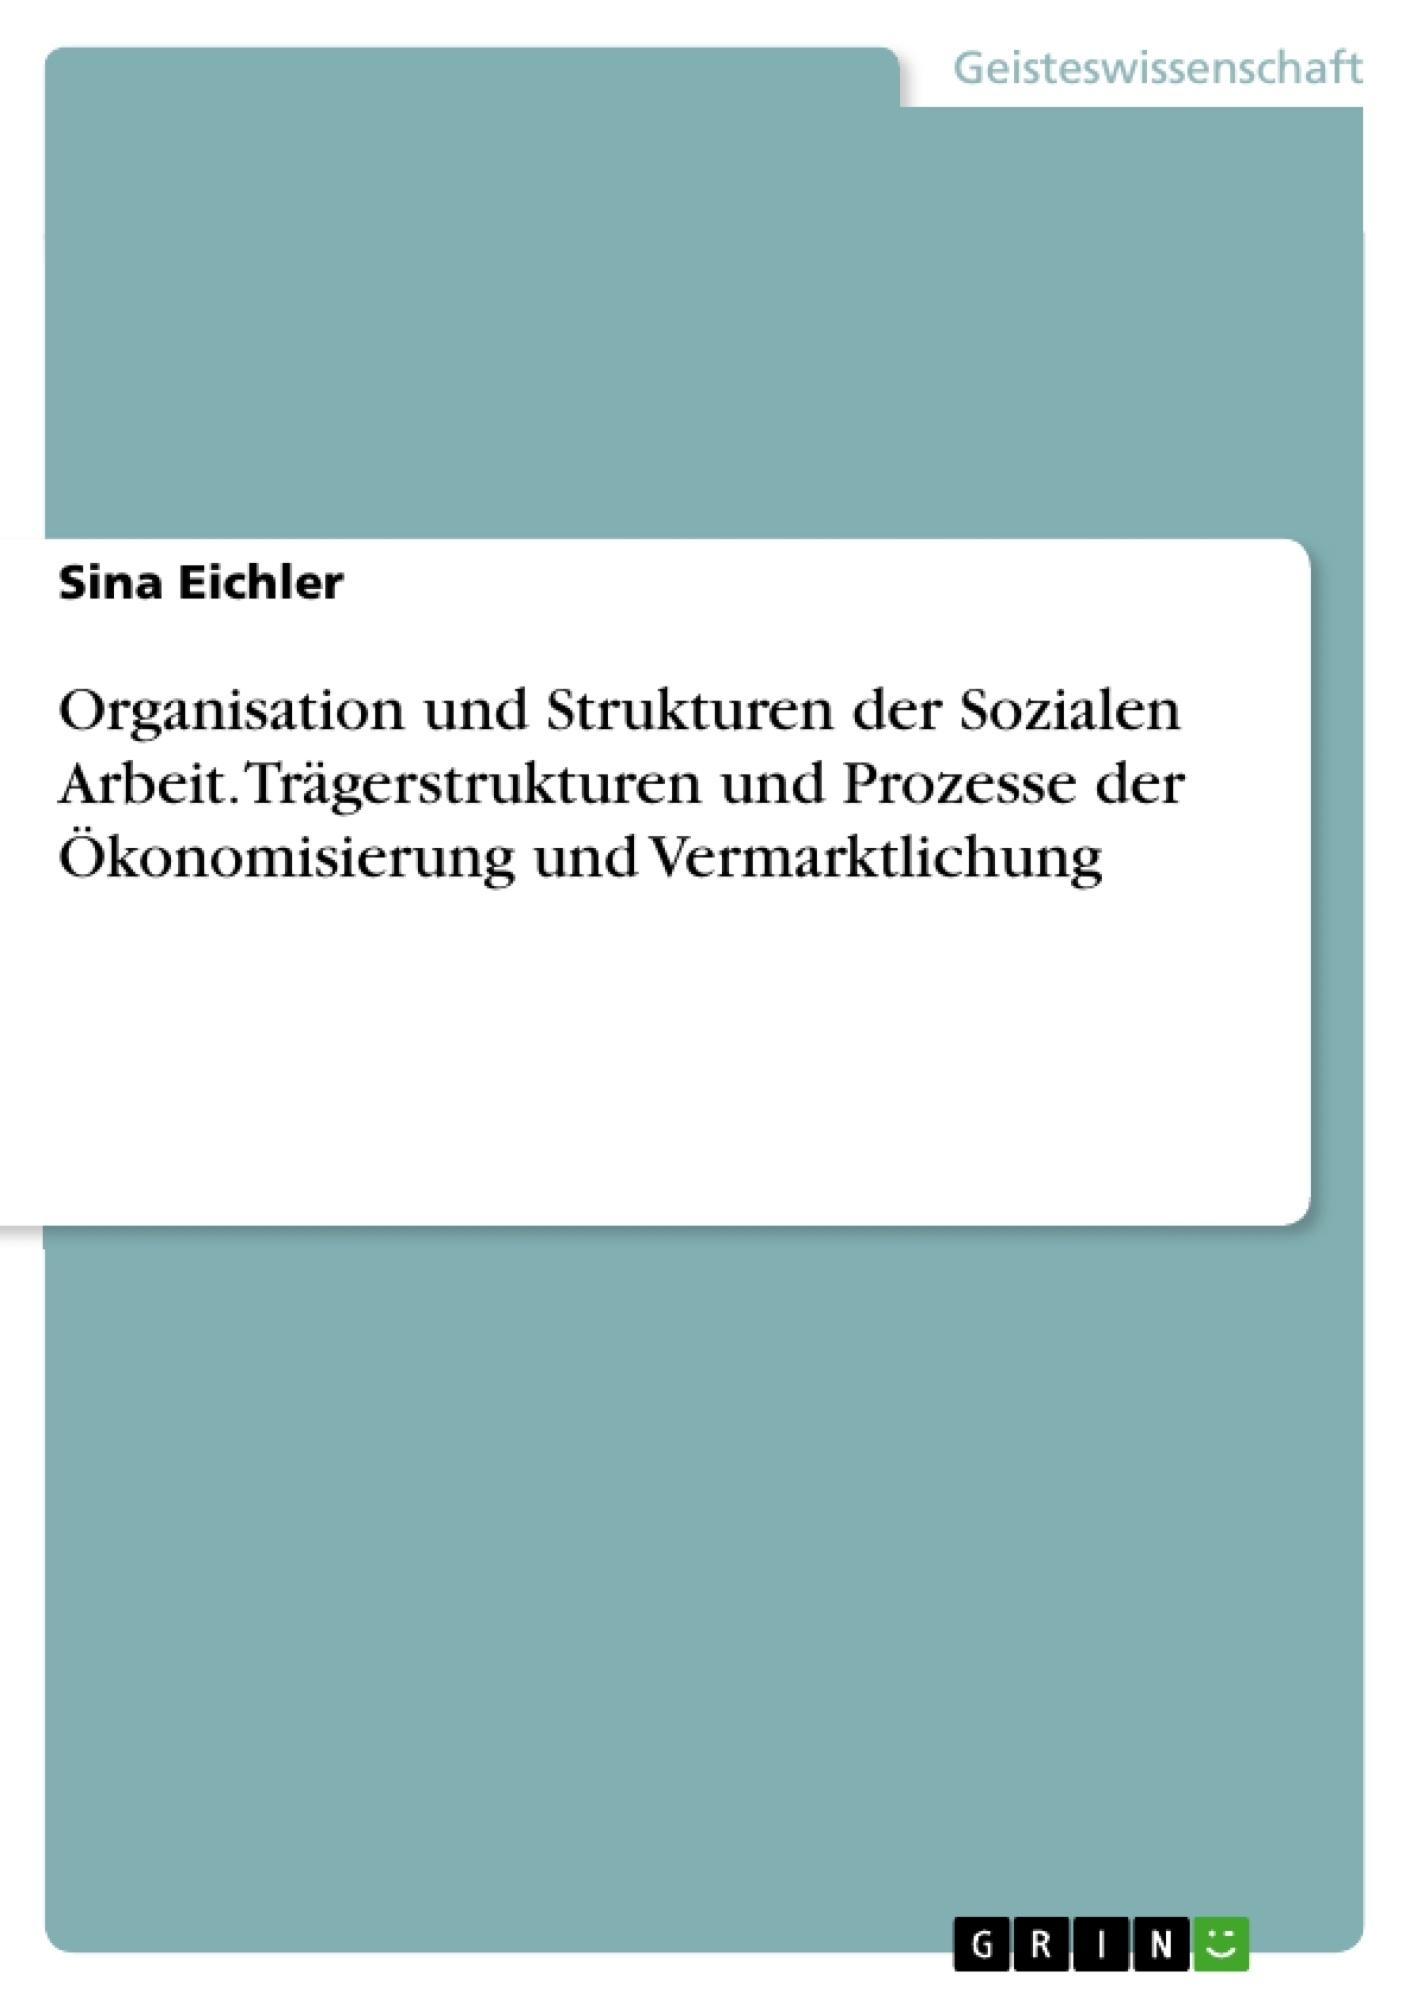 Titel: Organisation und Strukturen der Sozialen Arbeit. Trägerstrukturen und Prozesse der Ökonomisierung und Vermarktlichung